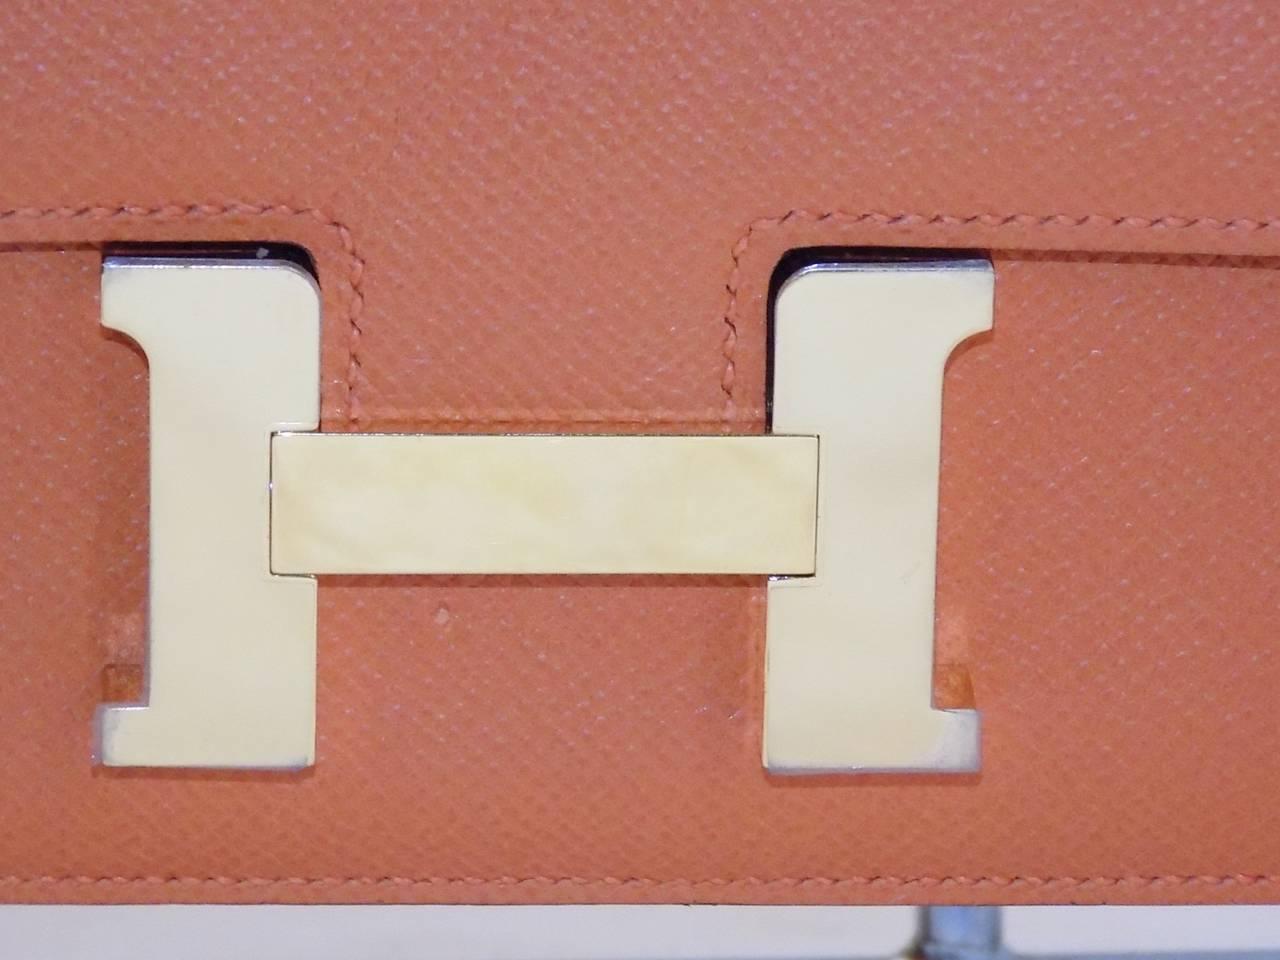 hermes birkin bags for sale - Hermes Constance Elan Swift Leather Bag in orange color. NEW! at ...